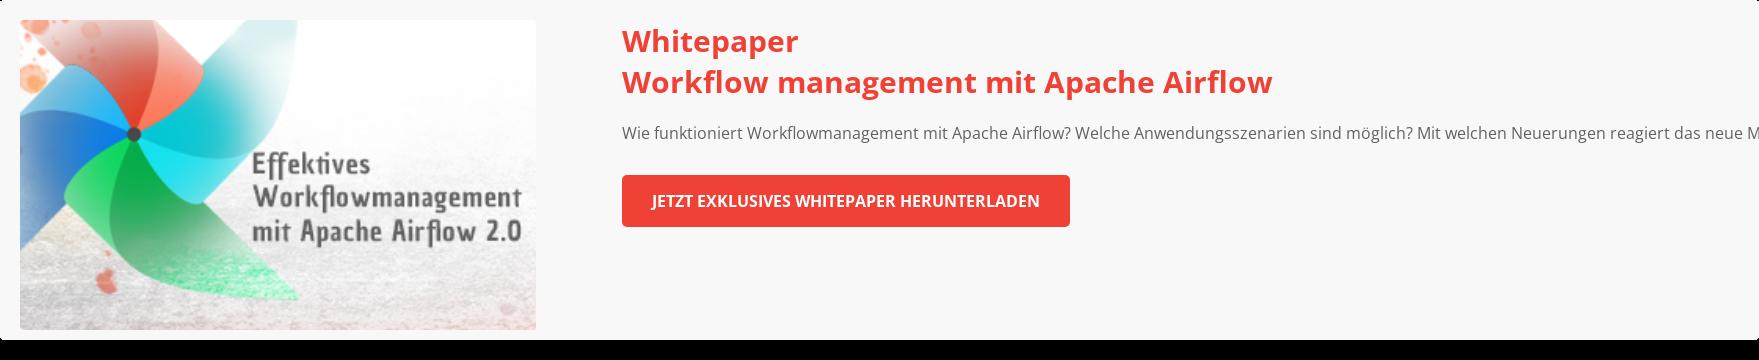 Optimales Workflowmanagement mit Apache Airflow Wie funktioniert ein  Workflowmanagement mit Apache Airflow? Welche Anwendungsszenarien sind  prinzipiell möglich? Mit welchen Neuerungen reagiert das neue Major-Release auf  die aktuelle Herausforderungen des Workflowmanagement?  Zum Whitepaper